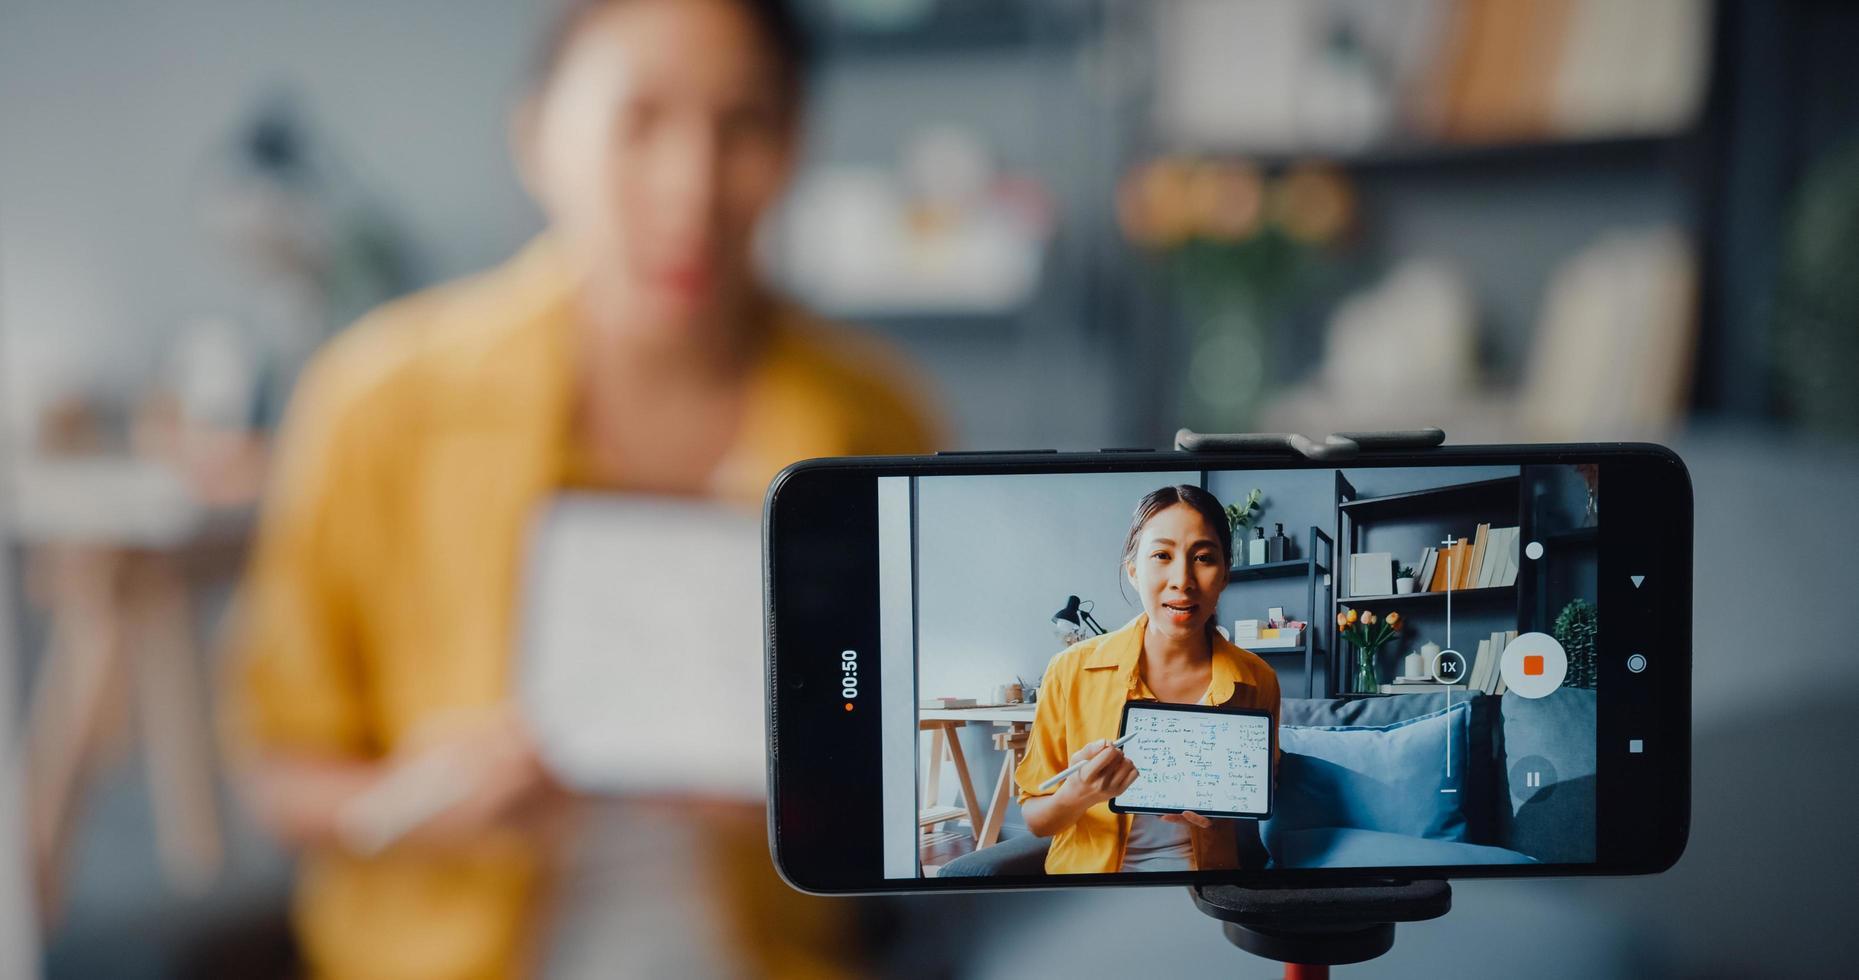 jeune enseignante asiatique appel vidéo sur smartphone conversation par webcam apprendre enseigner dans le chat en ligne à la maison photo